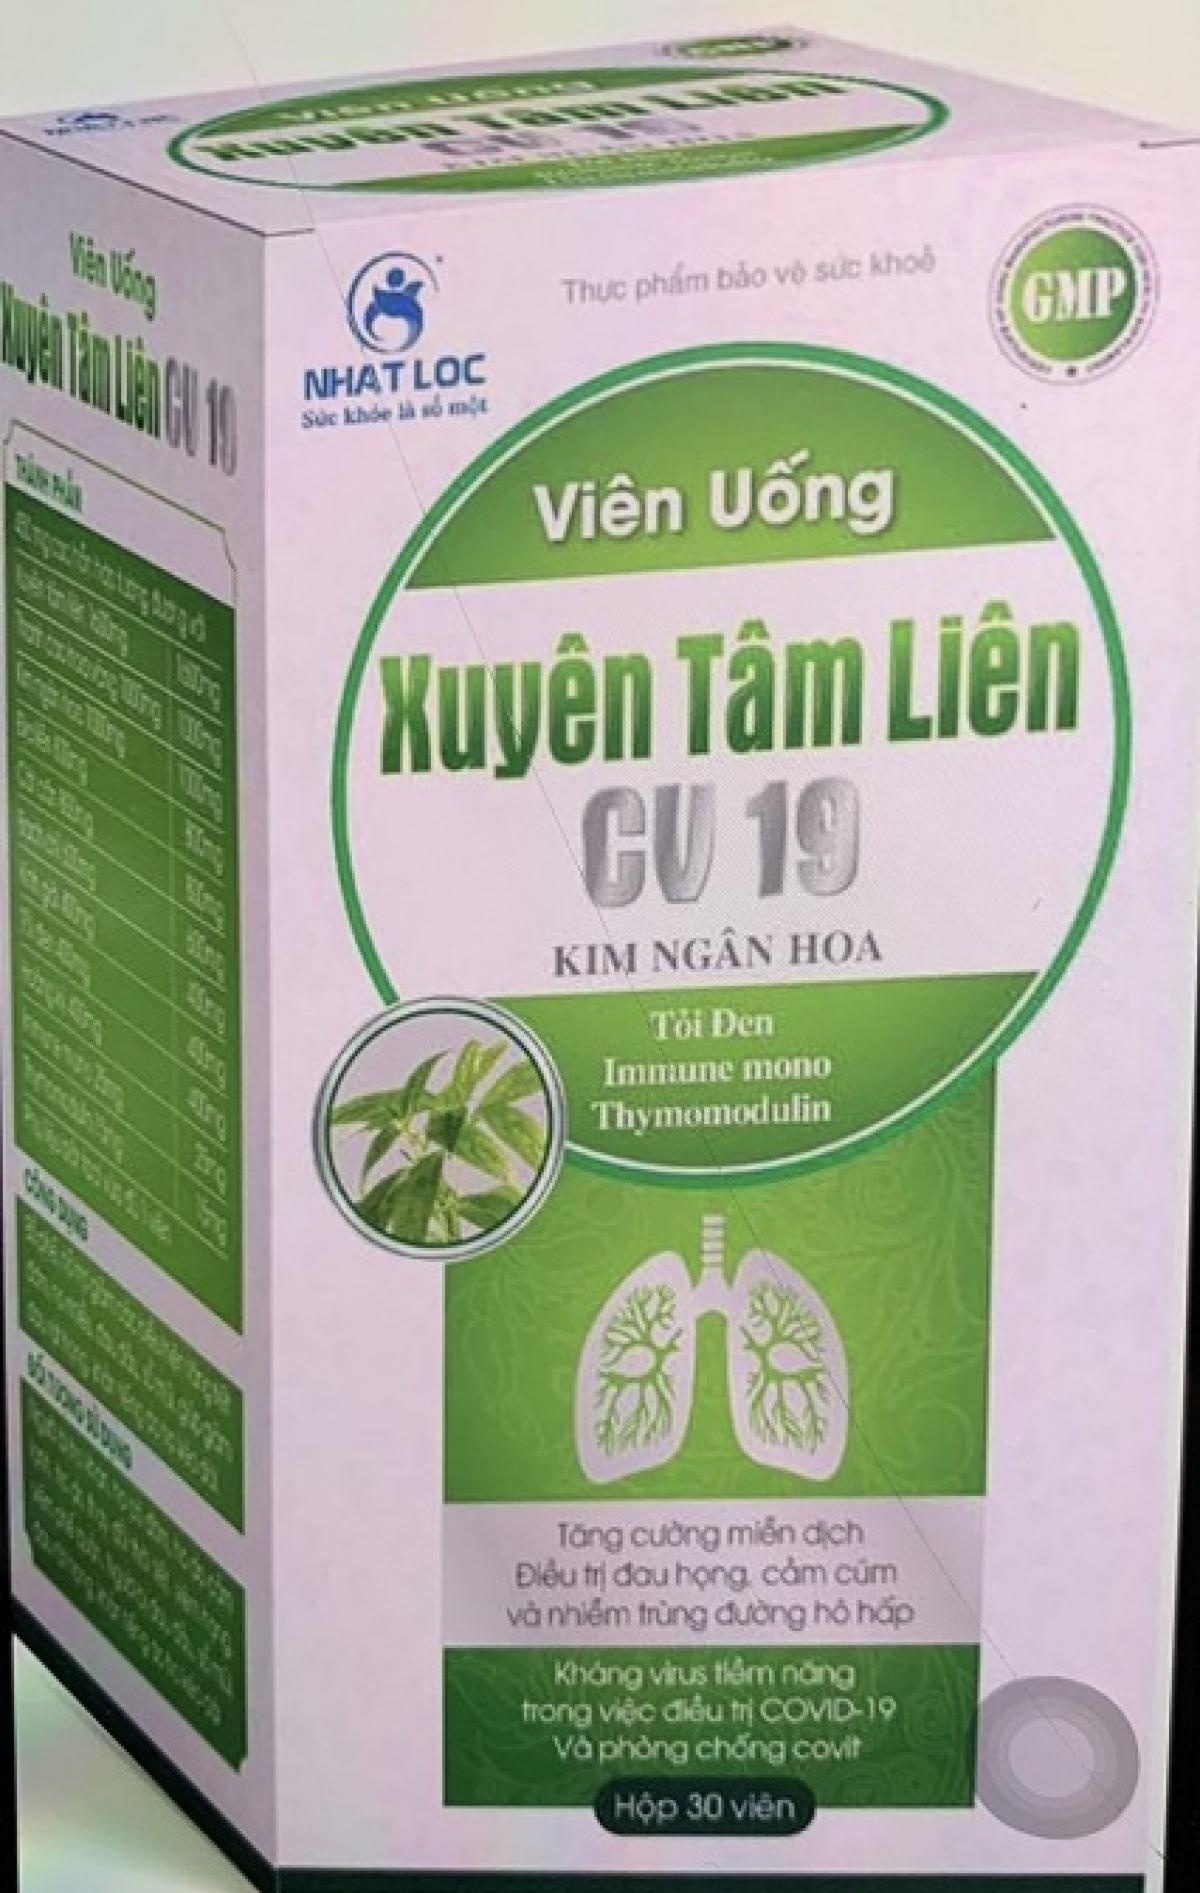 Sản phẩm xuyên tâm liên quảng cáo công dụng kháng COVID-19 này là giả mạo. Ảnh:Bộ Y tế.